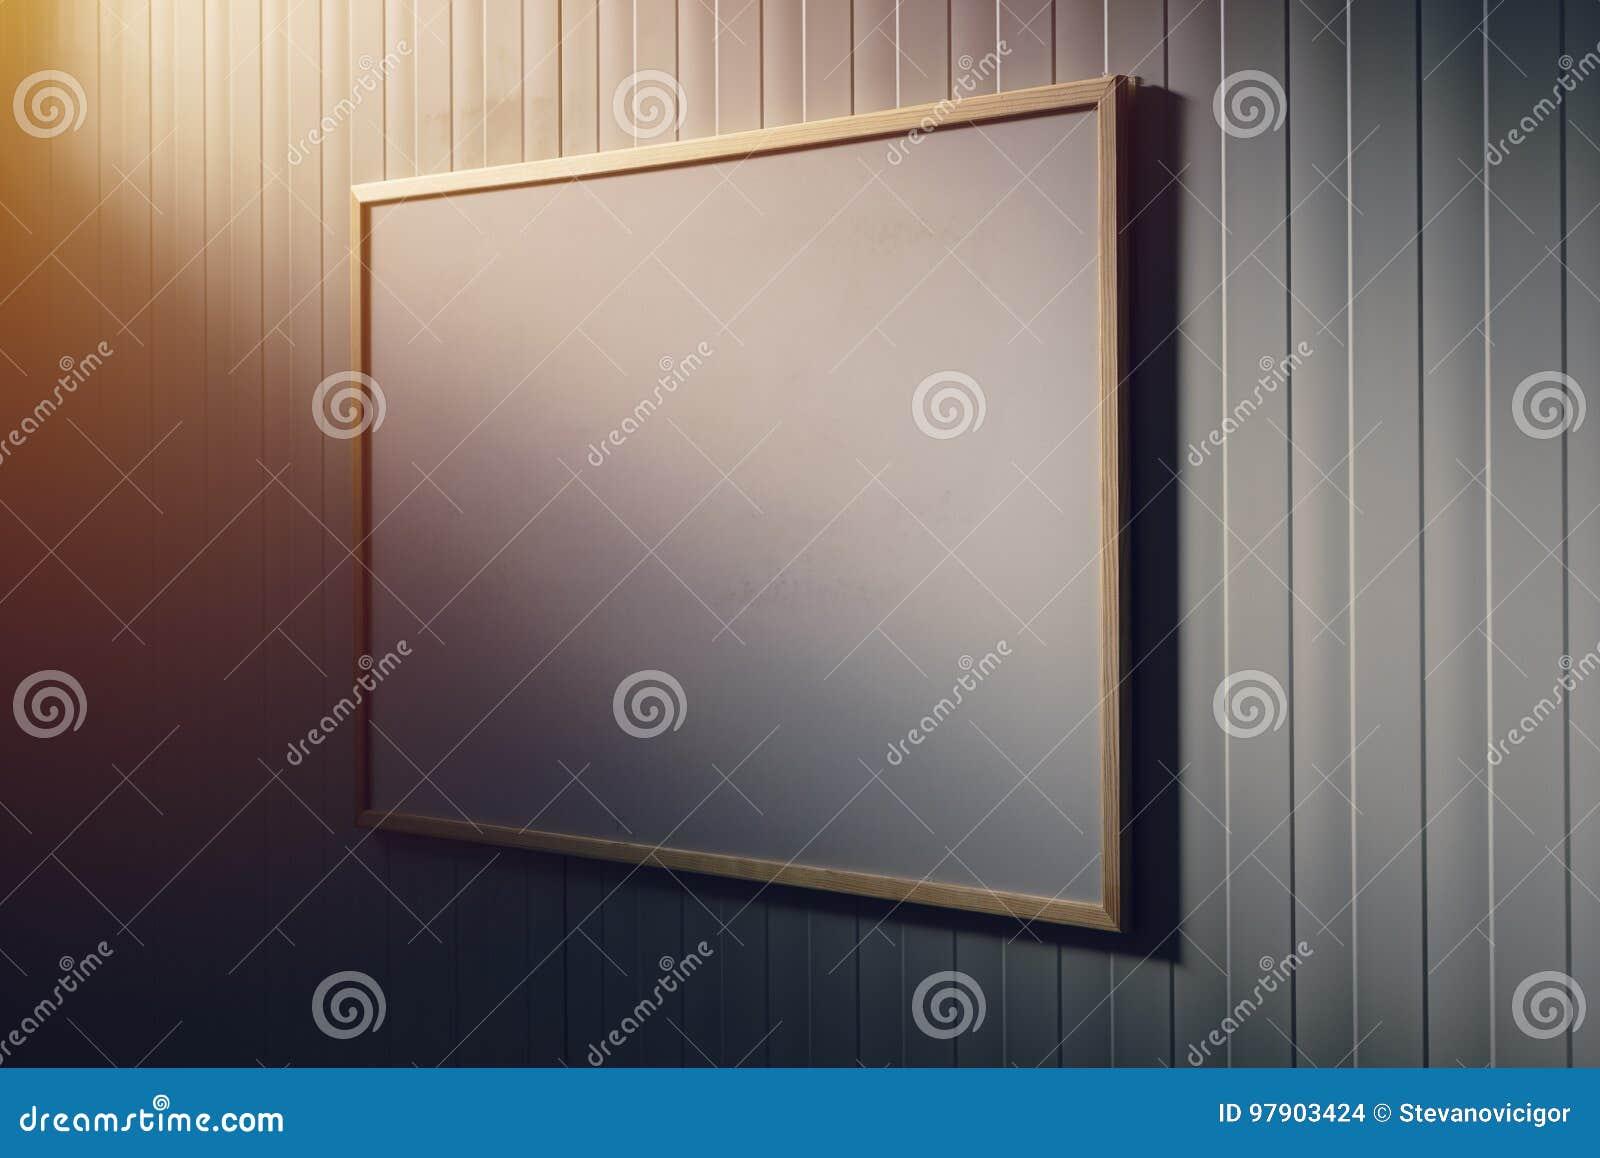 Tableau blanc vide dans le bureau panneau blanc comme espace de